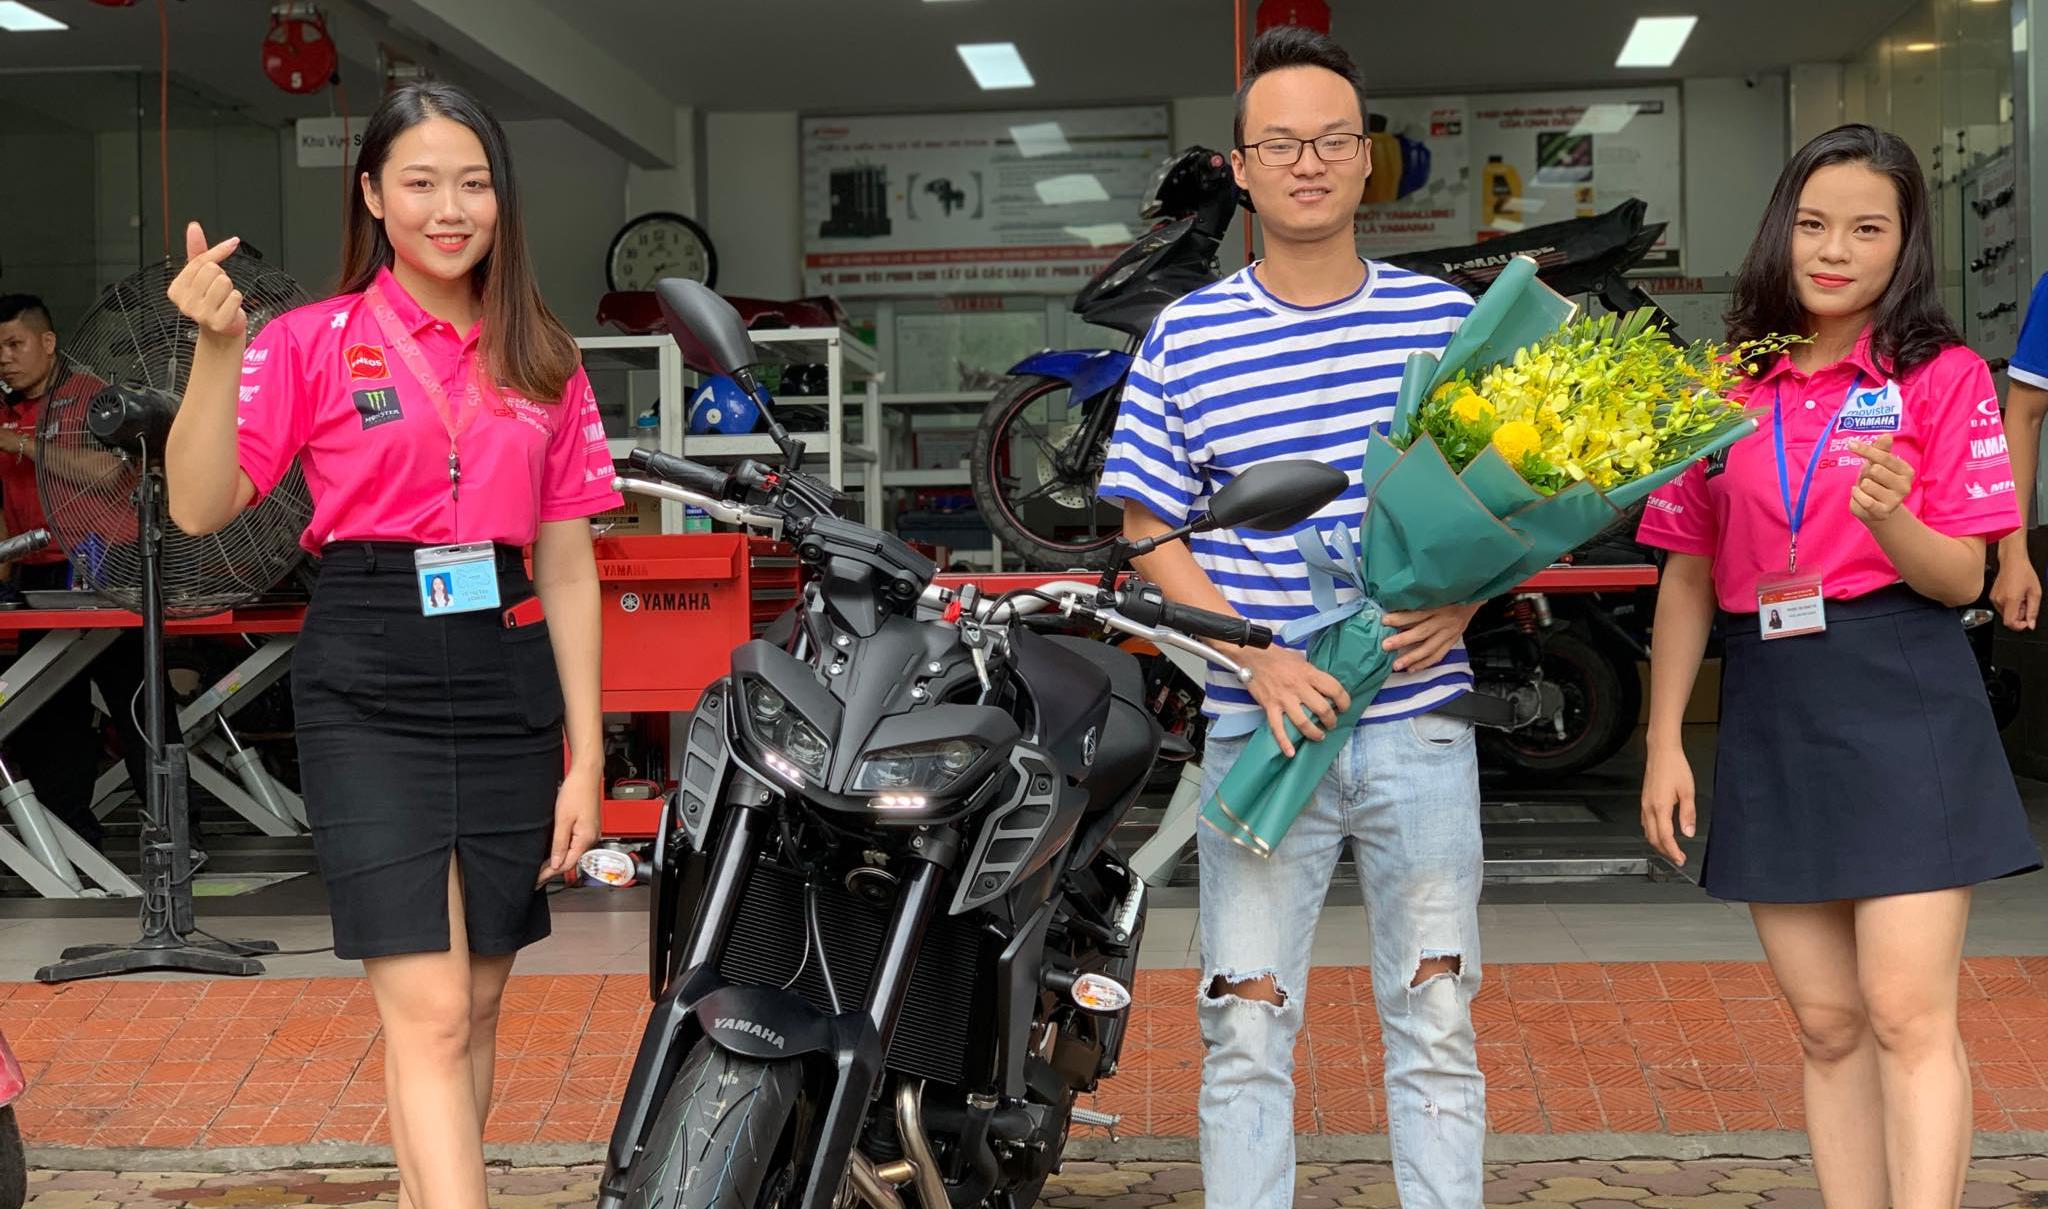 Yamaha MT-09 chính hãng giá 299 triệu đến tay khách hàng Hà Nội